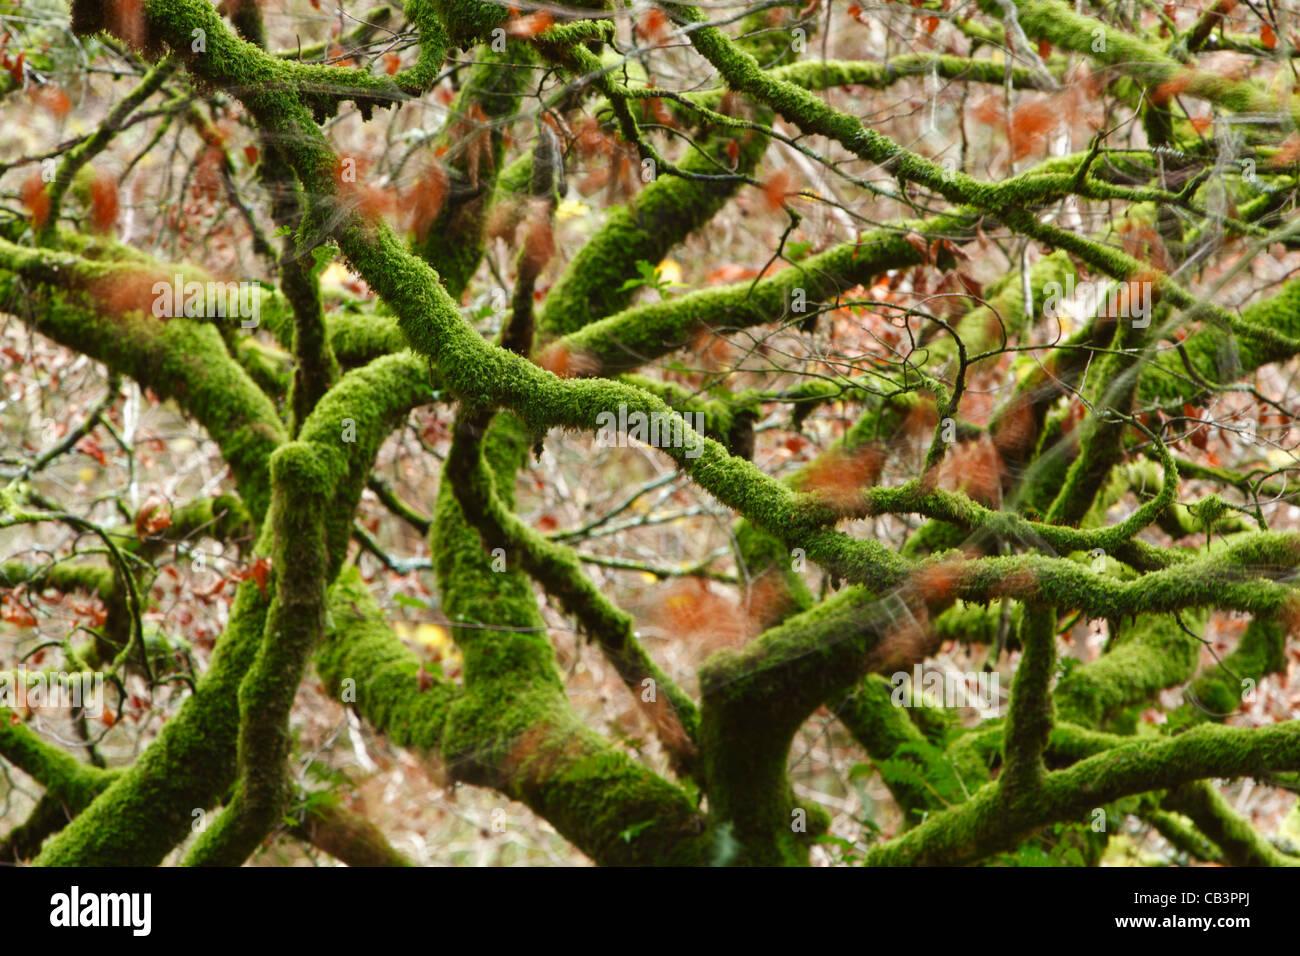 Tangled Mossy rami vicino al fiume Barle. Parco Nazionale di Exmoor. Somerset. In Inghilterra. Regno Unito. Immagini Stock